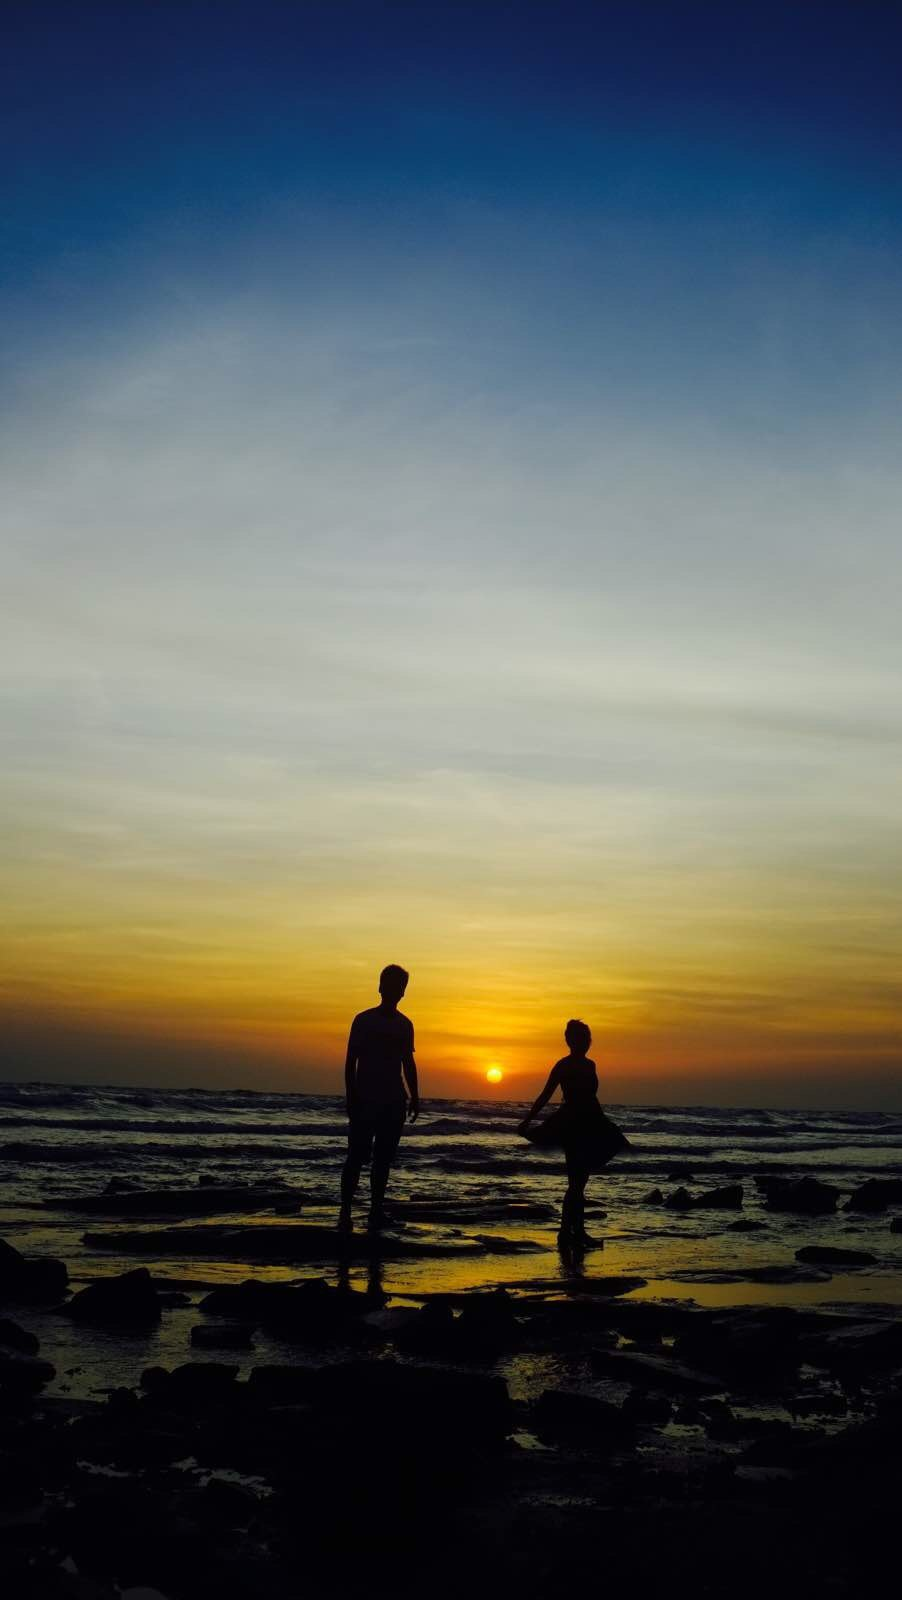 与涠洲岛&阳朔的初相遇